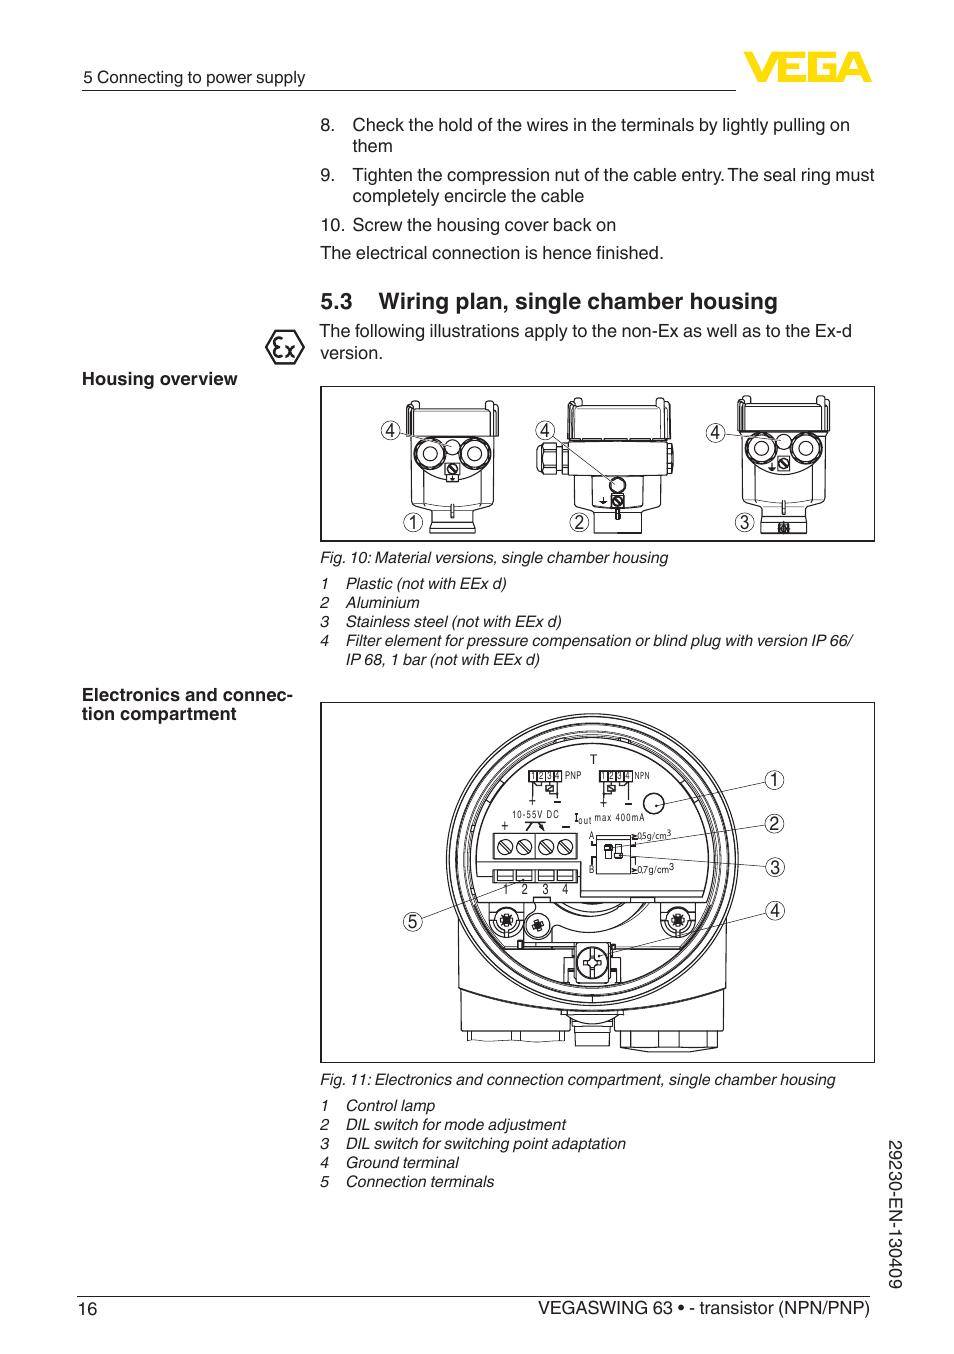 3 wiring plan, single chamber housing | VEGA VEGASWING 63 ...